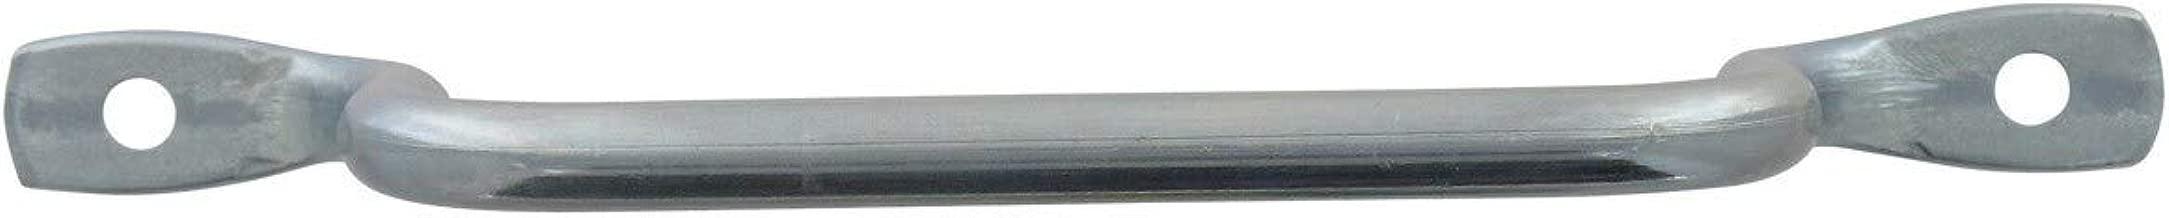 poignee sur platine facon st-etienne bouts carres serie forte JARDINIER MASSARD J529151